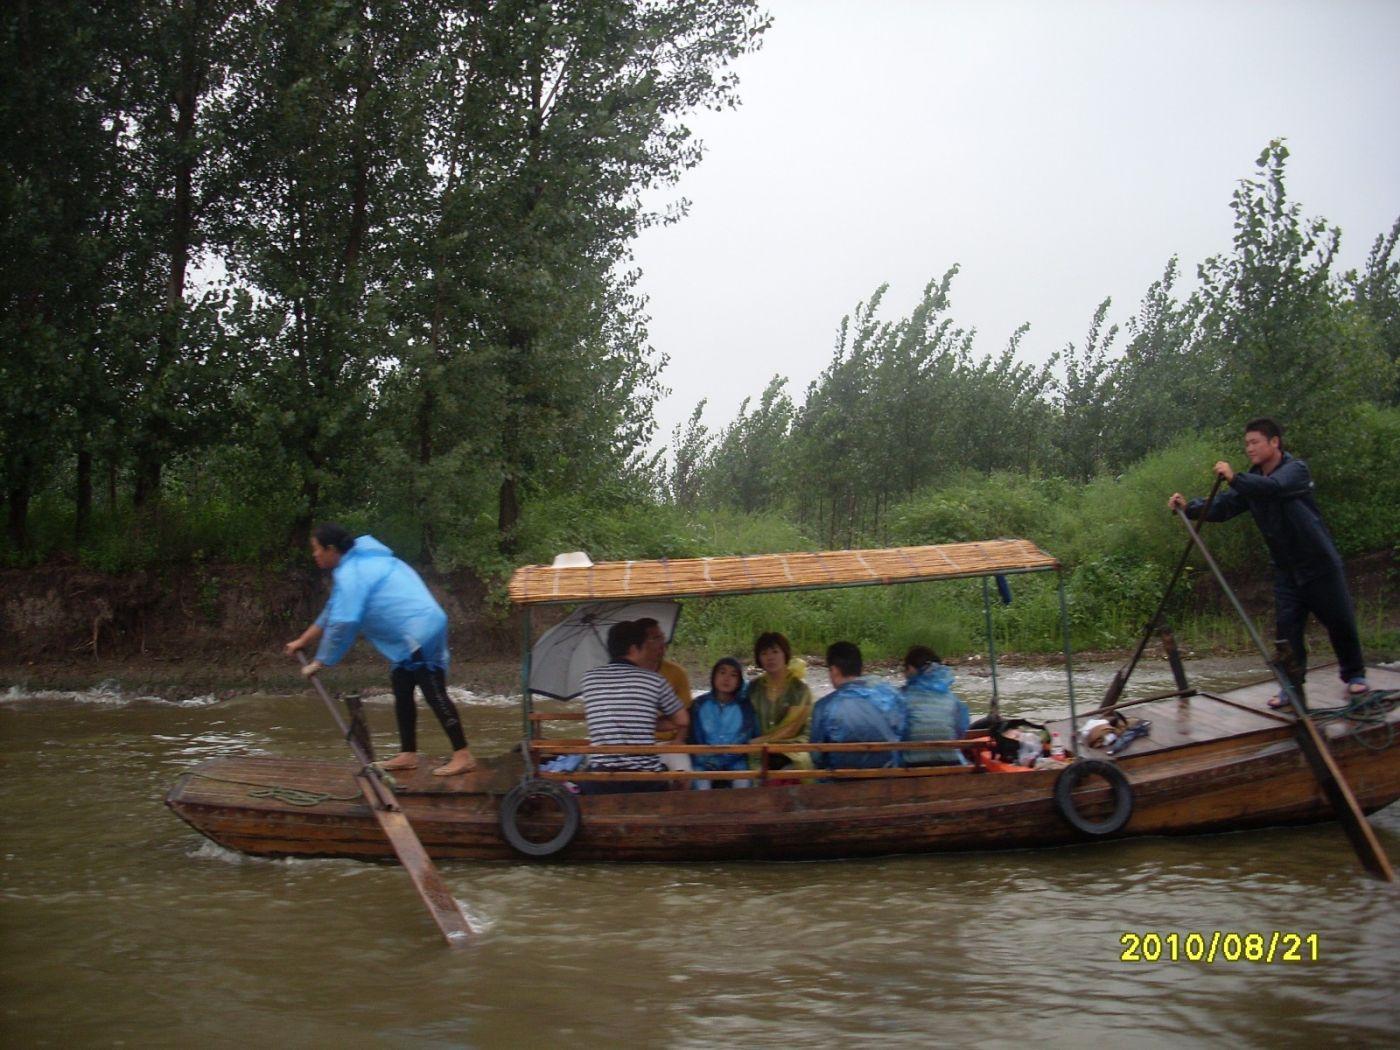 雨中畅游白洋淀_图1-24